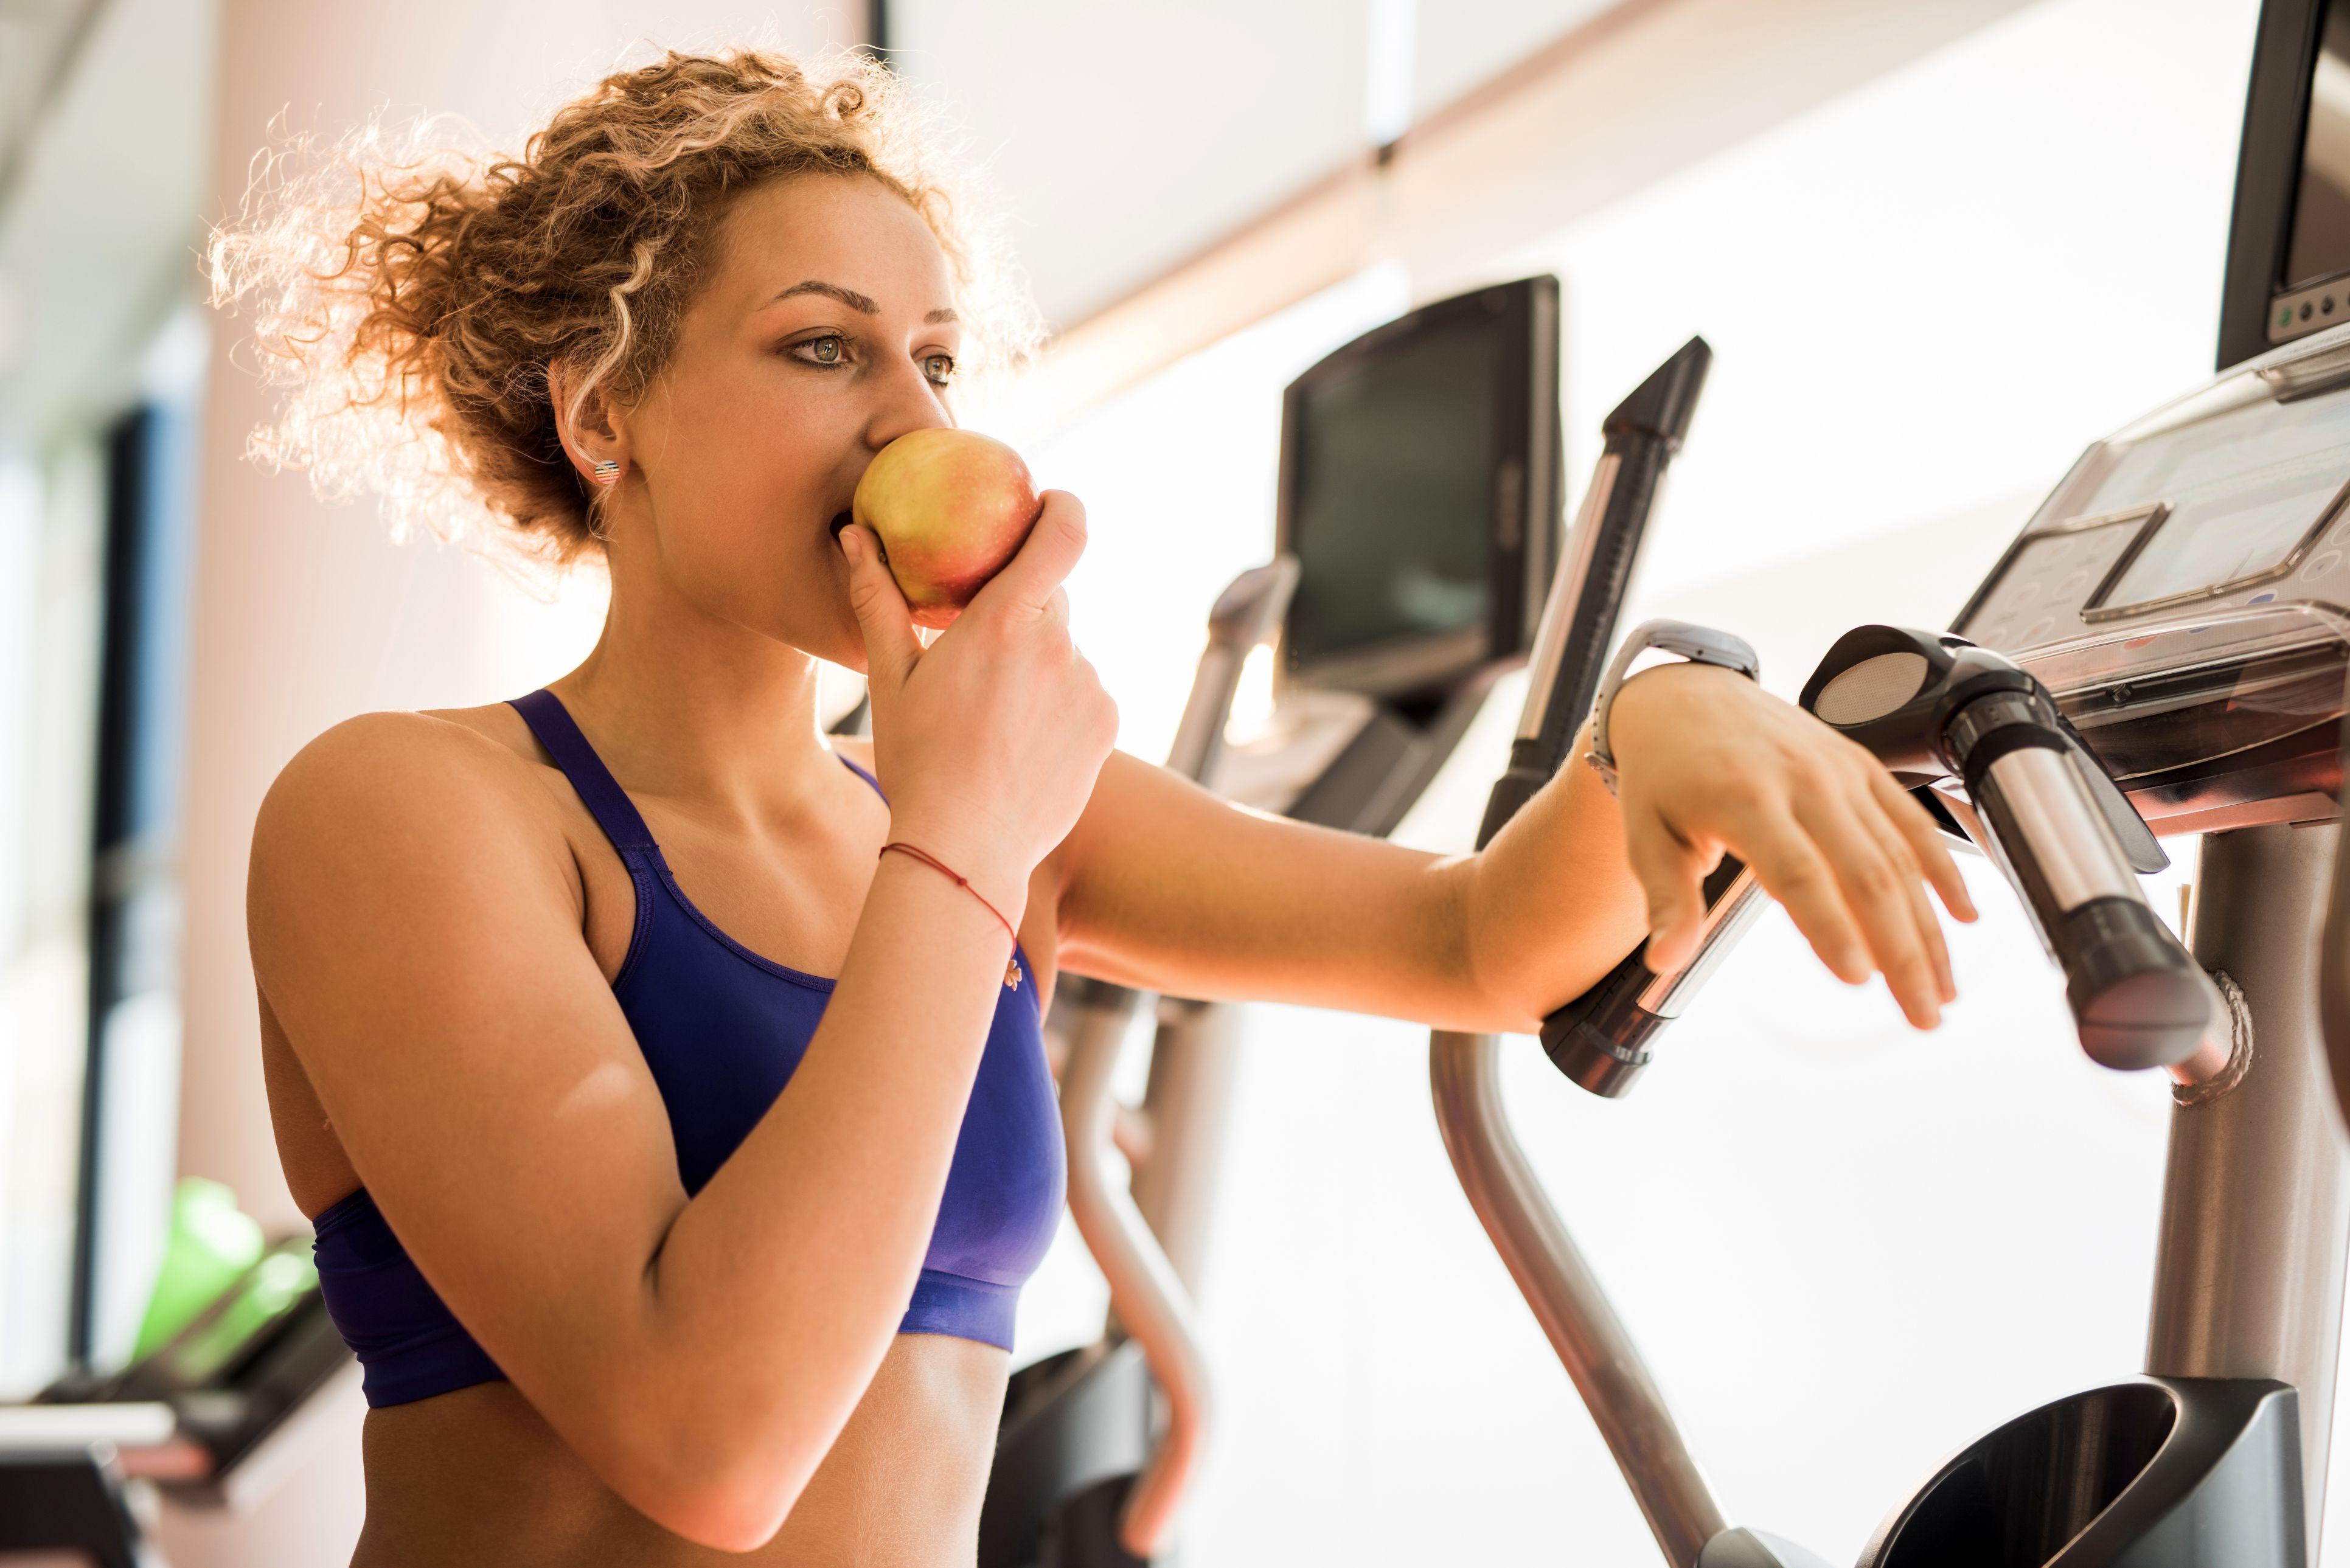 Edzés és helyes táplálkozás – futópad, szobabicikli, taposógép, elliptikus tréner